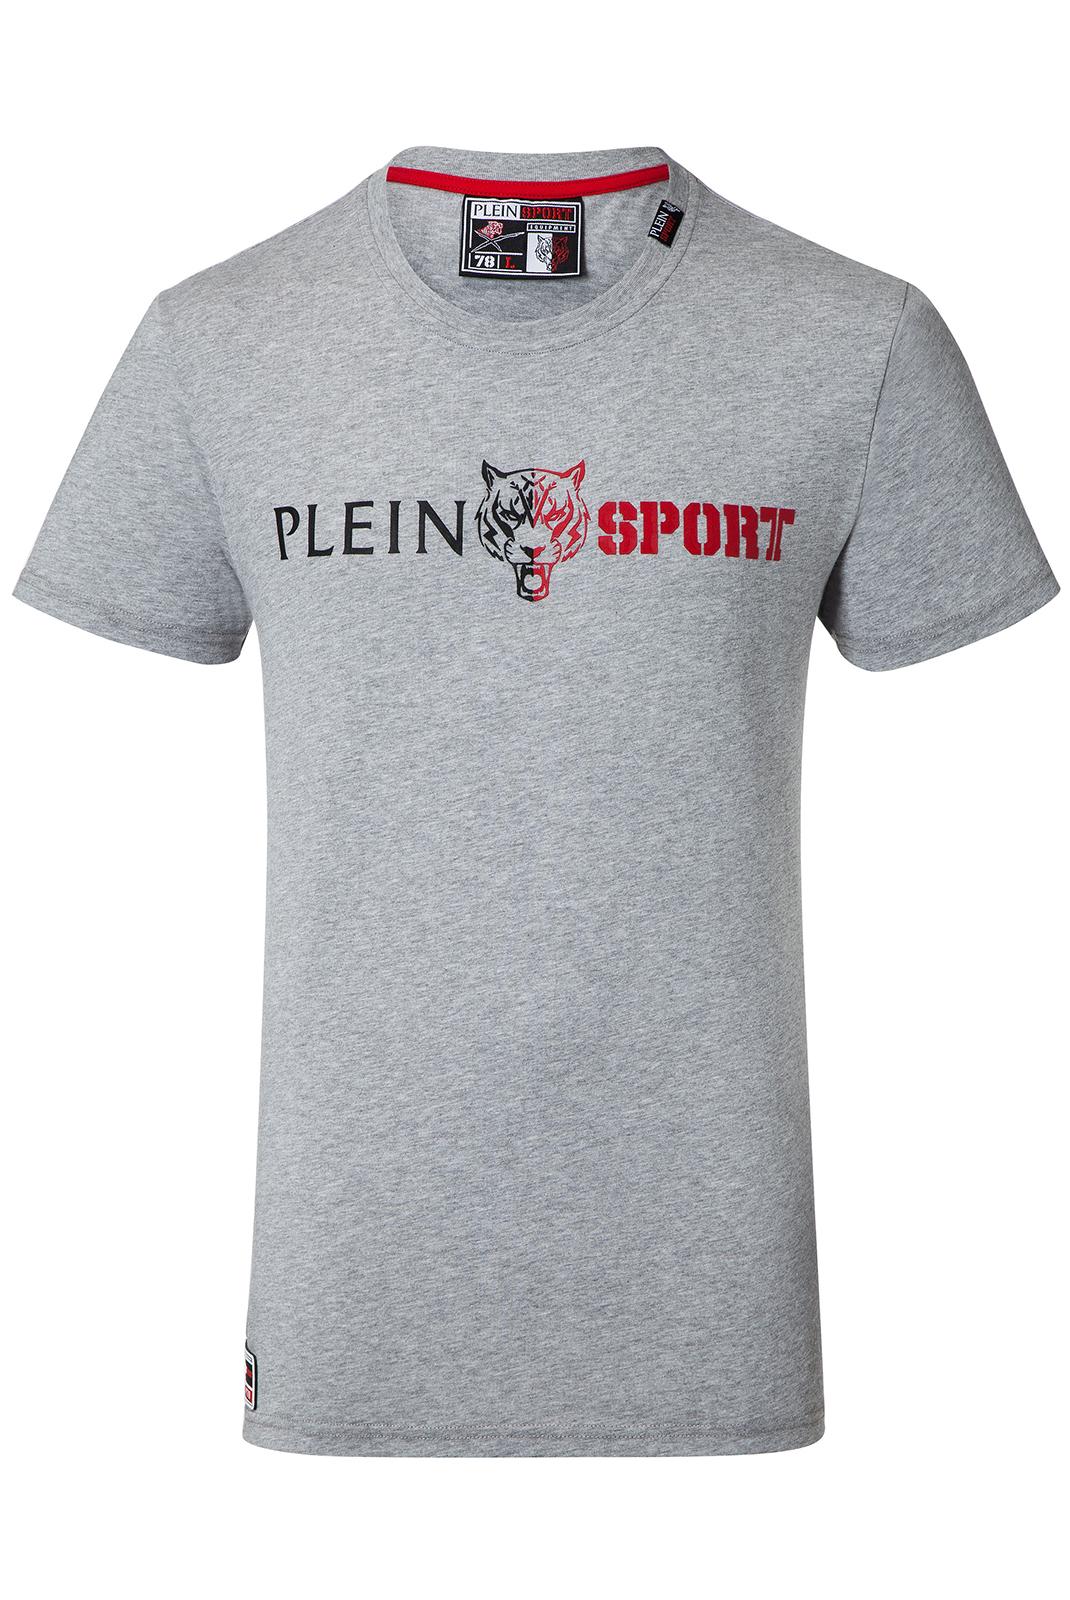 T-S manches courtes  Plein Sport P17C MTK0640 1046 GREY MELANGED